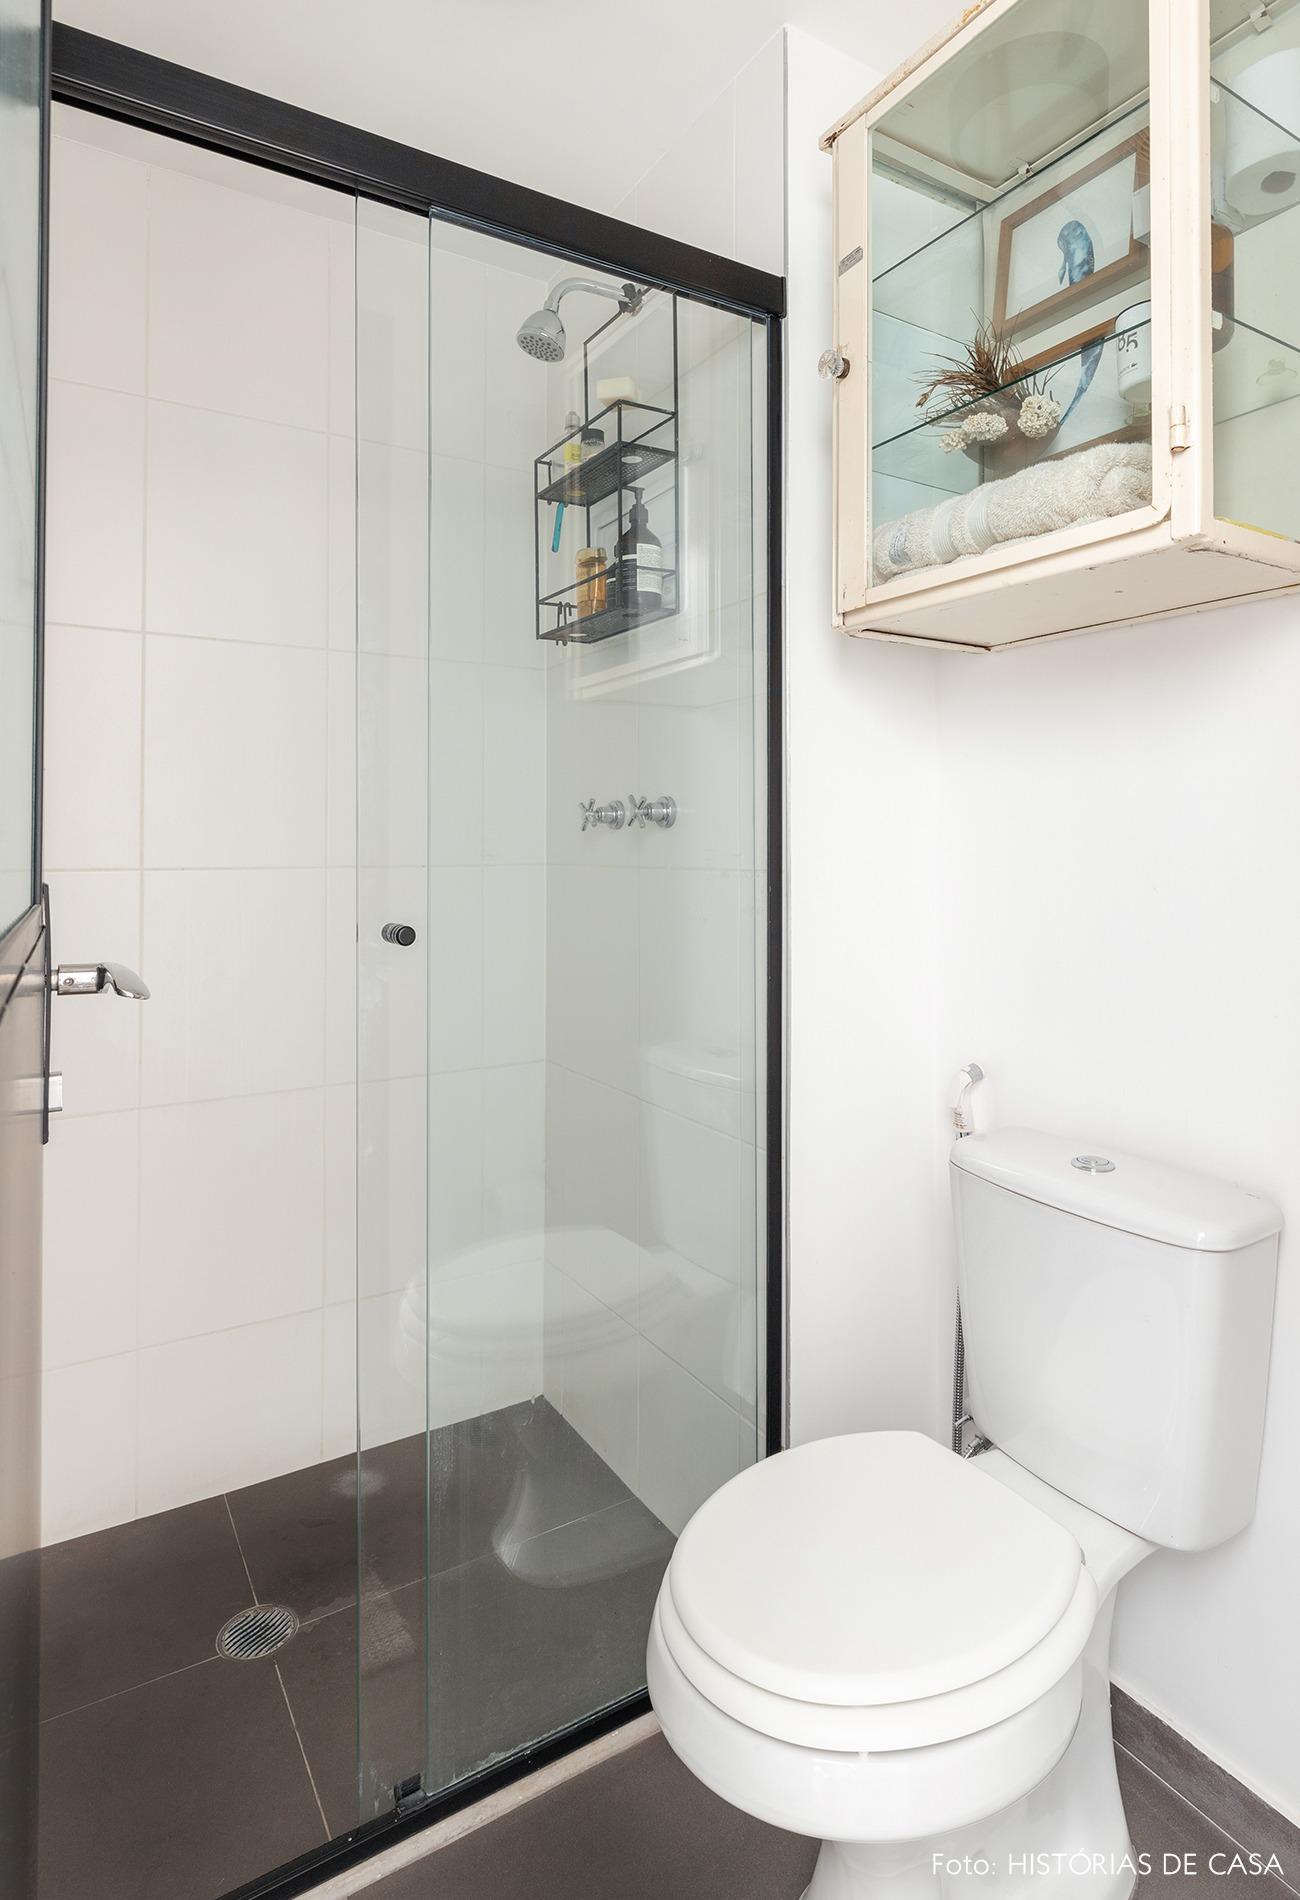 Banheiro com parede branca e piso escuro